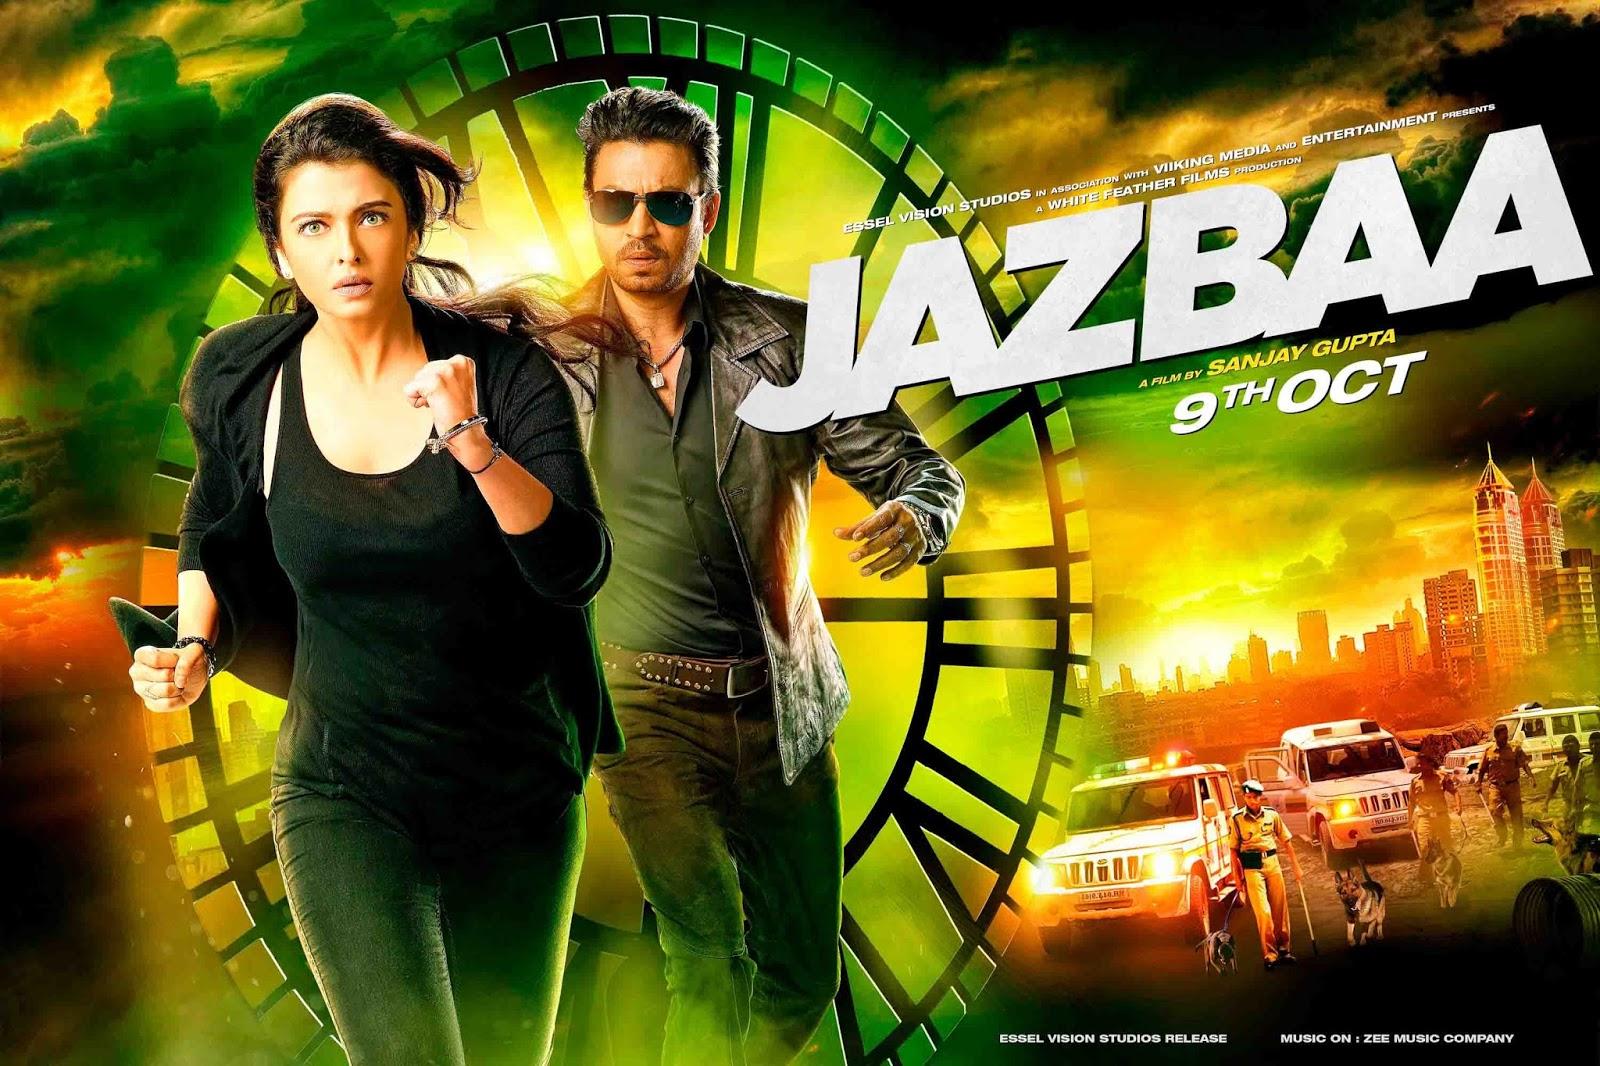 Jazbaa Full Movie Online